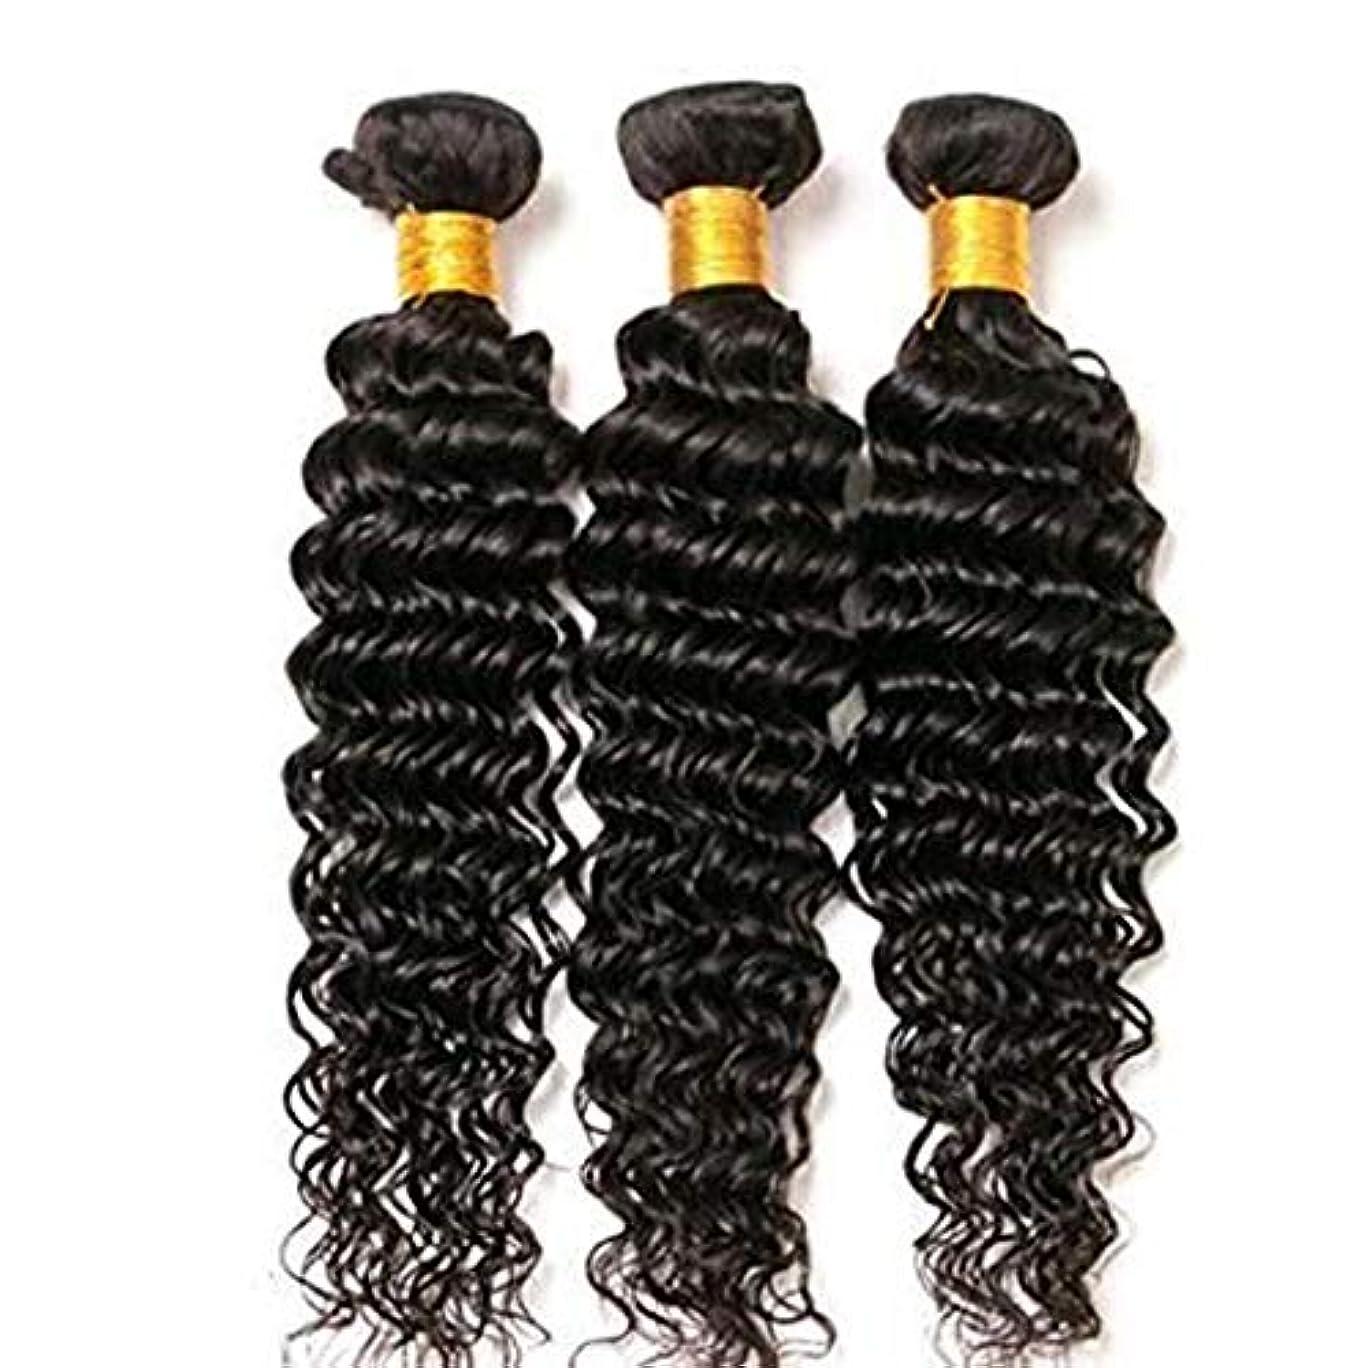 仕えるトンネルワイヤーHOHYLLYA 女性のためのブラジルのディープウェーブヘアバンドル100%未処理の人間の毛髪延長ナチュラルルッキング(8